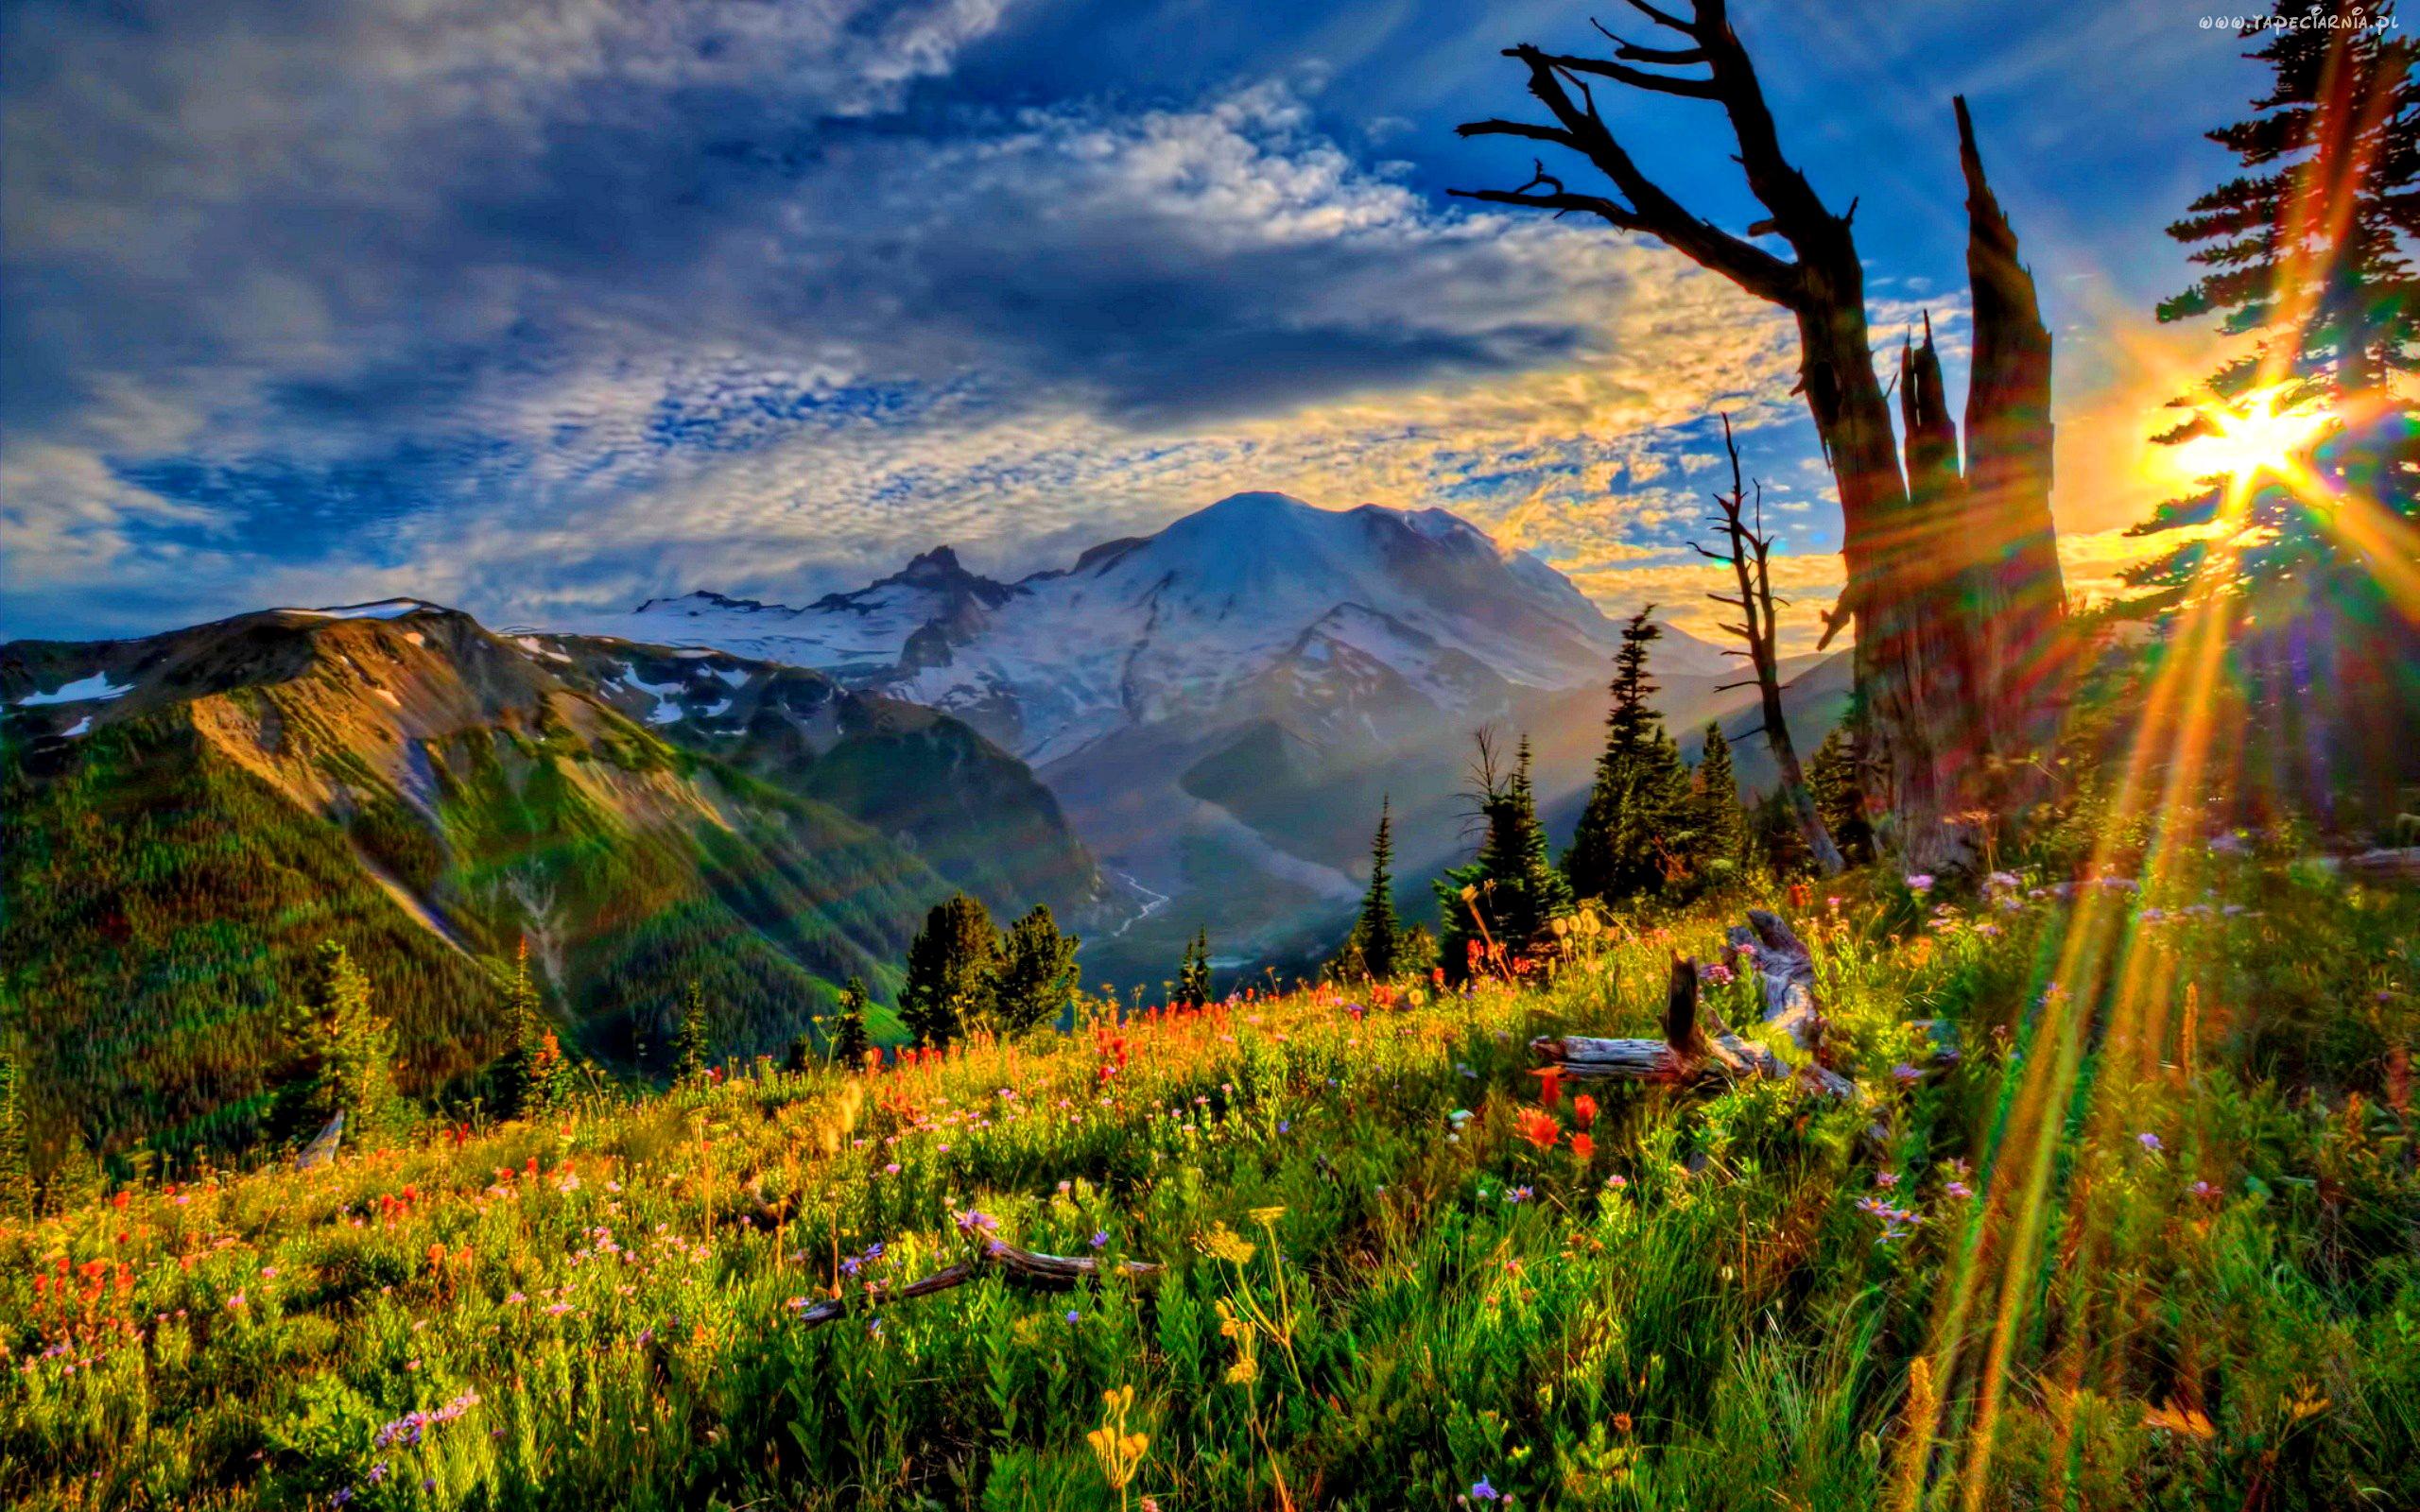 Meadow HD Wallpapers